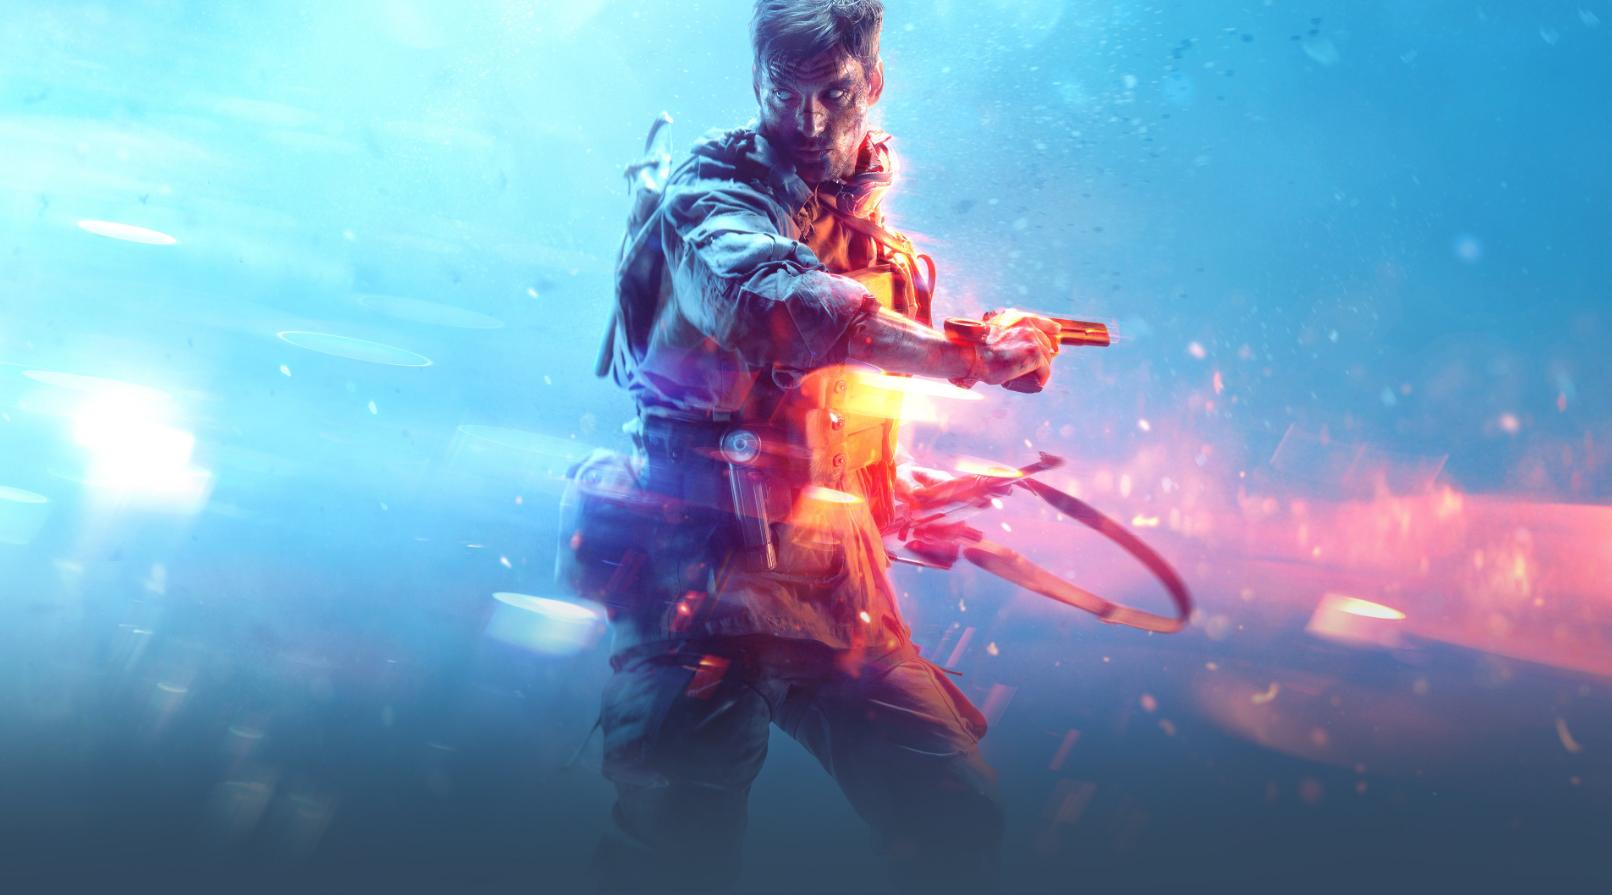 Инсайдер: новая Battlefield похожа на Black Ops 2 с оружием будущего и кооперативом